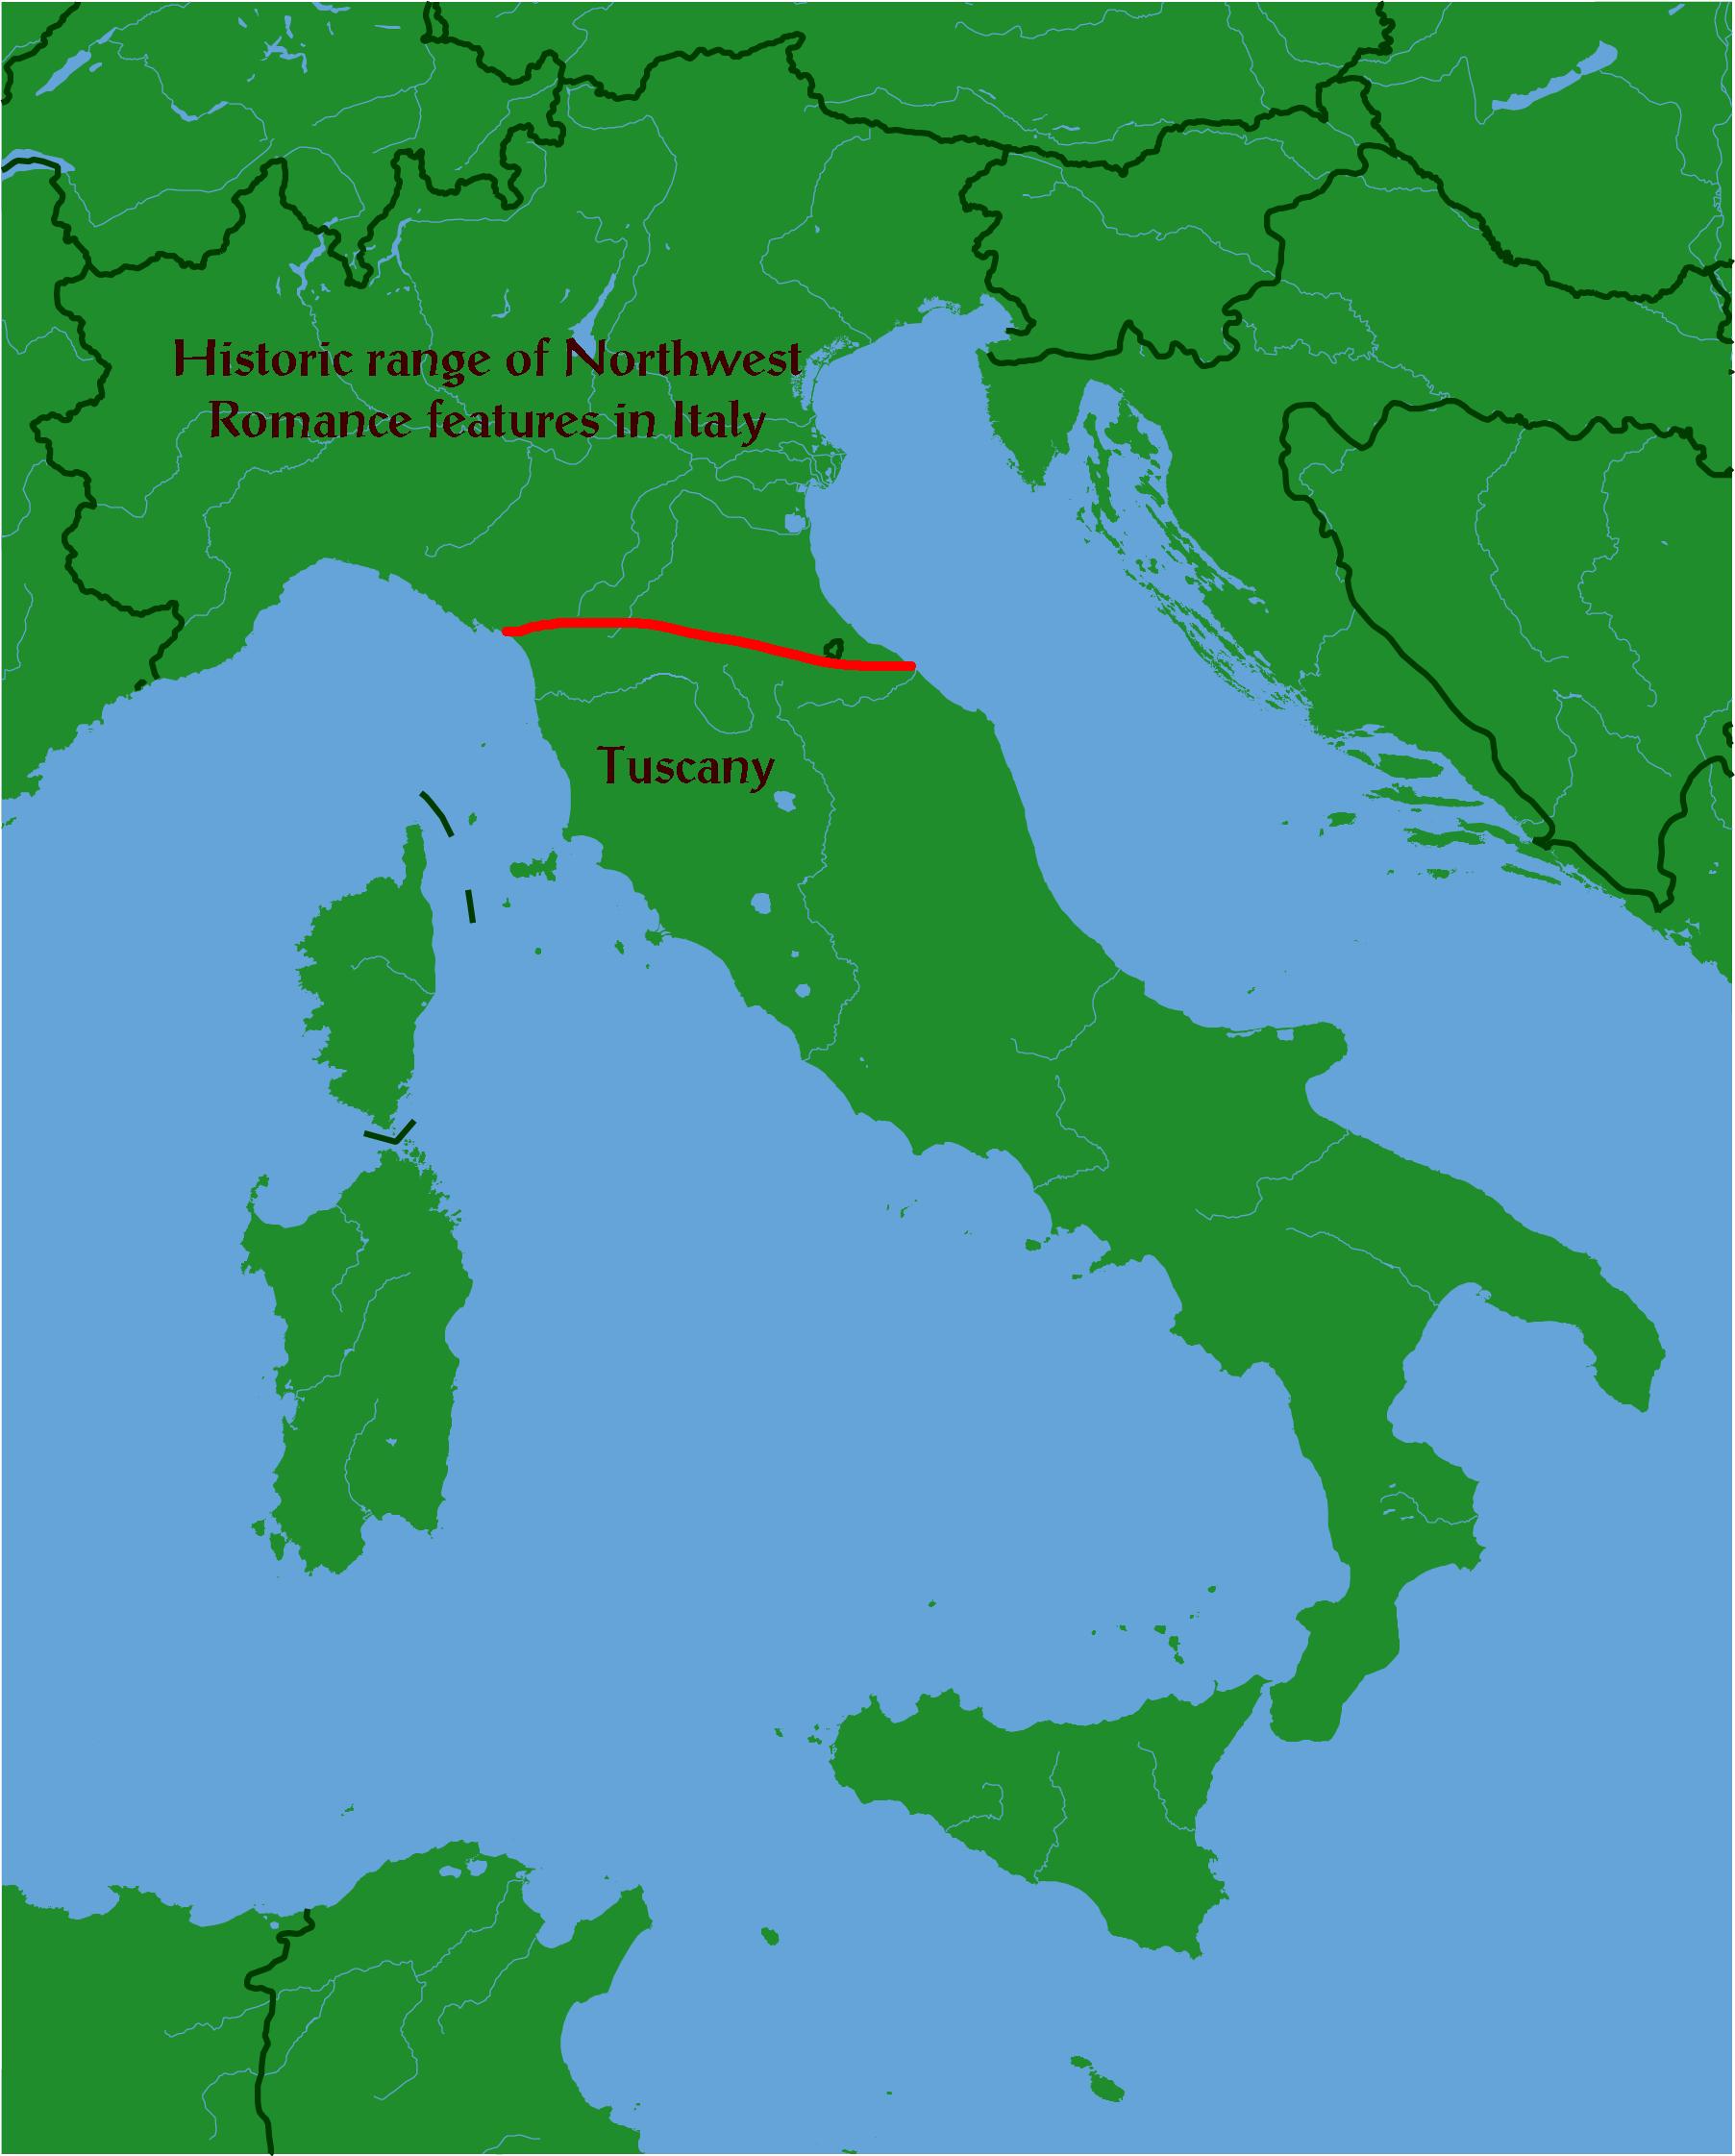 La Spezia Rimini Line Wikipedia